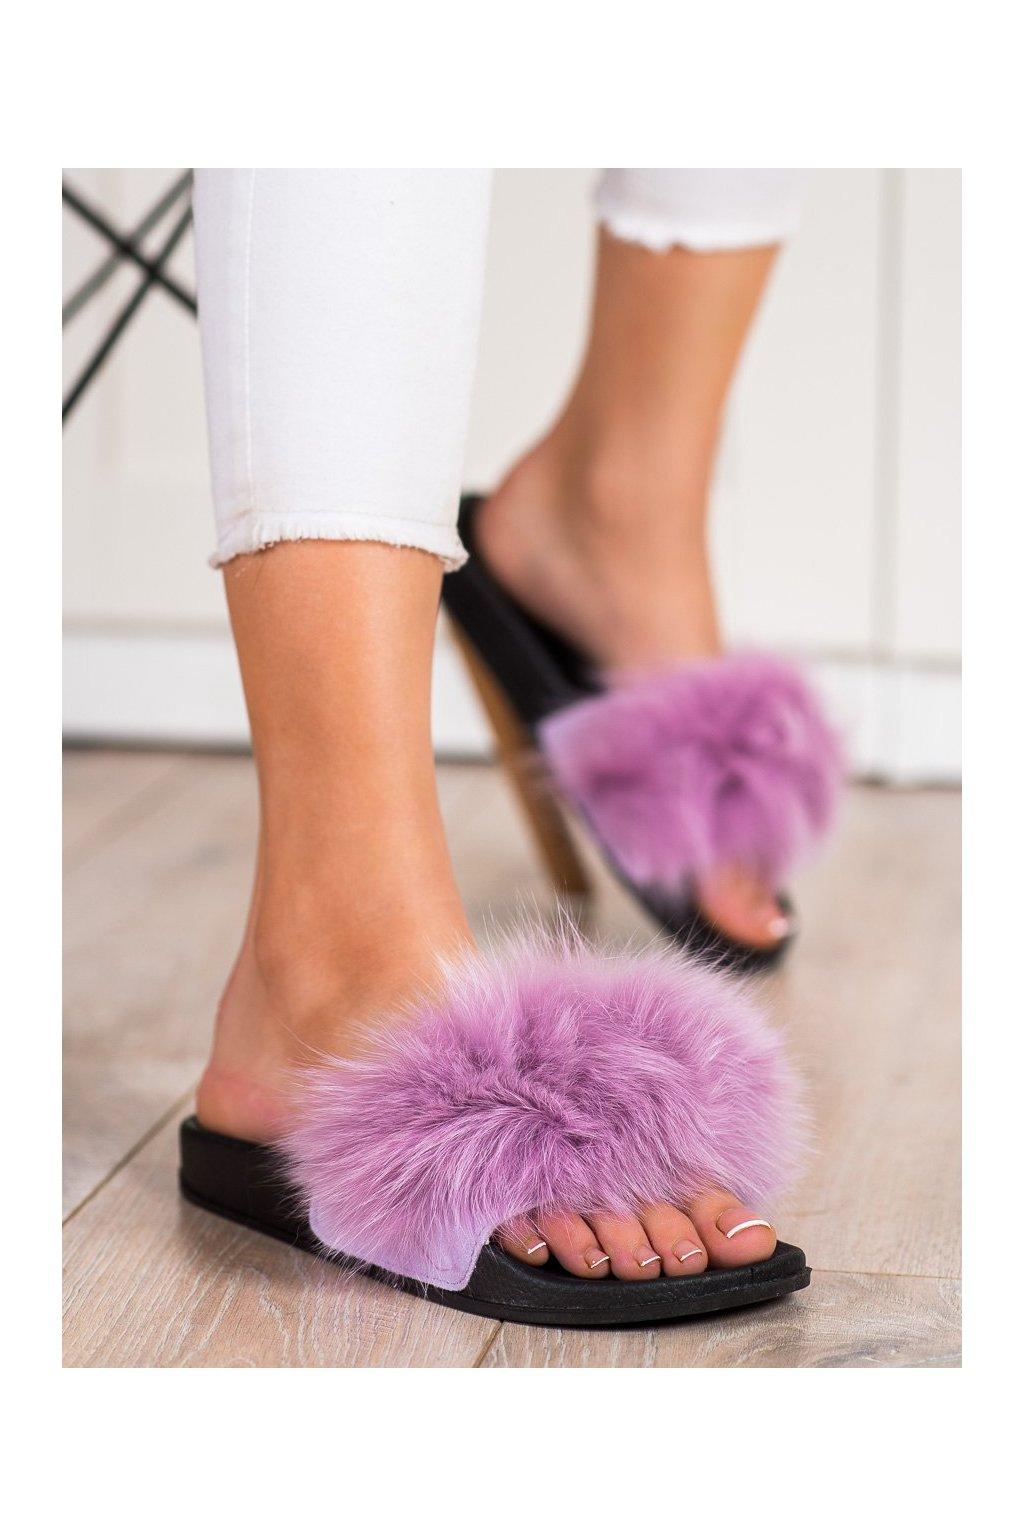 Fialové dámske topánky na doma Bona kod RS-45L.PU